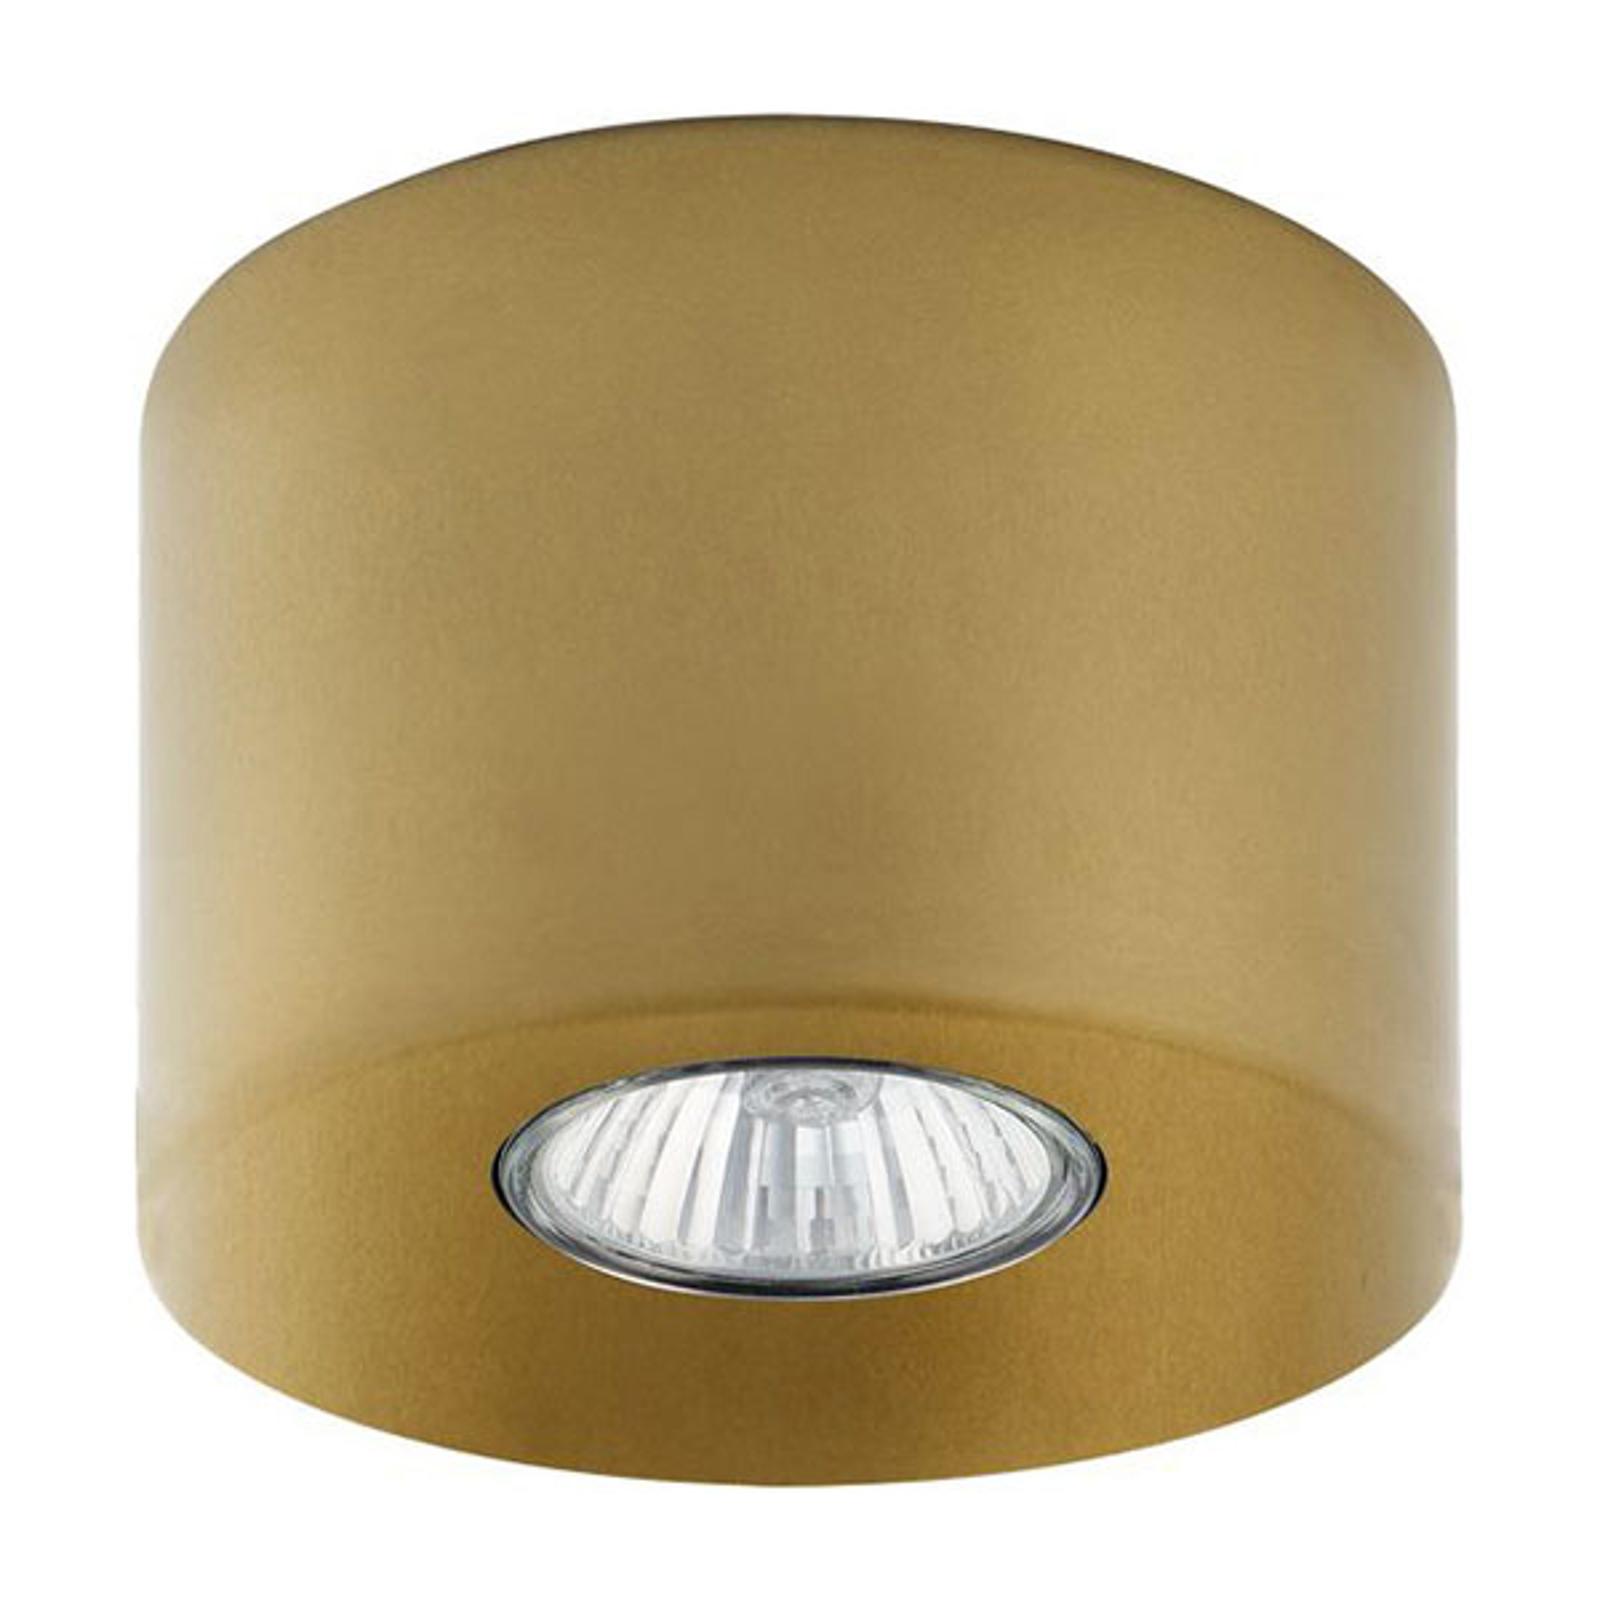 Downlight Orion rund, gold, 8,5 cm